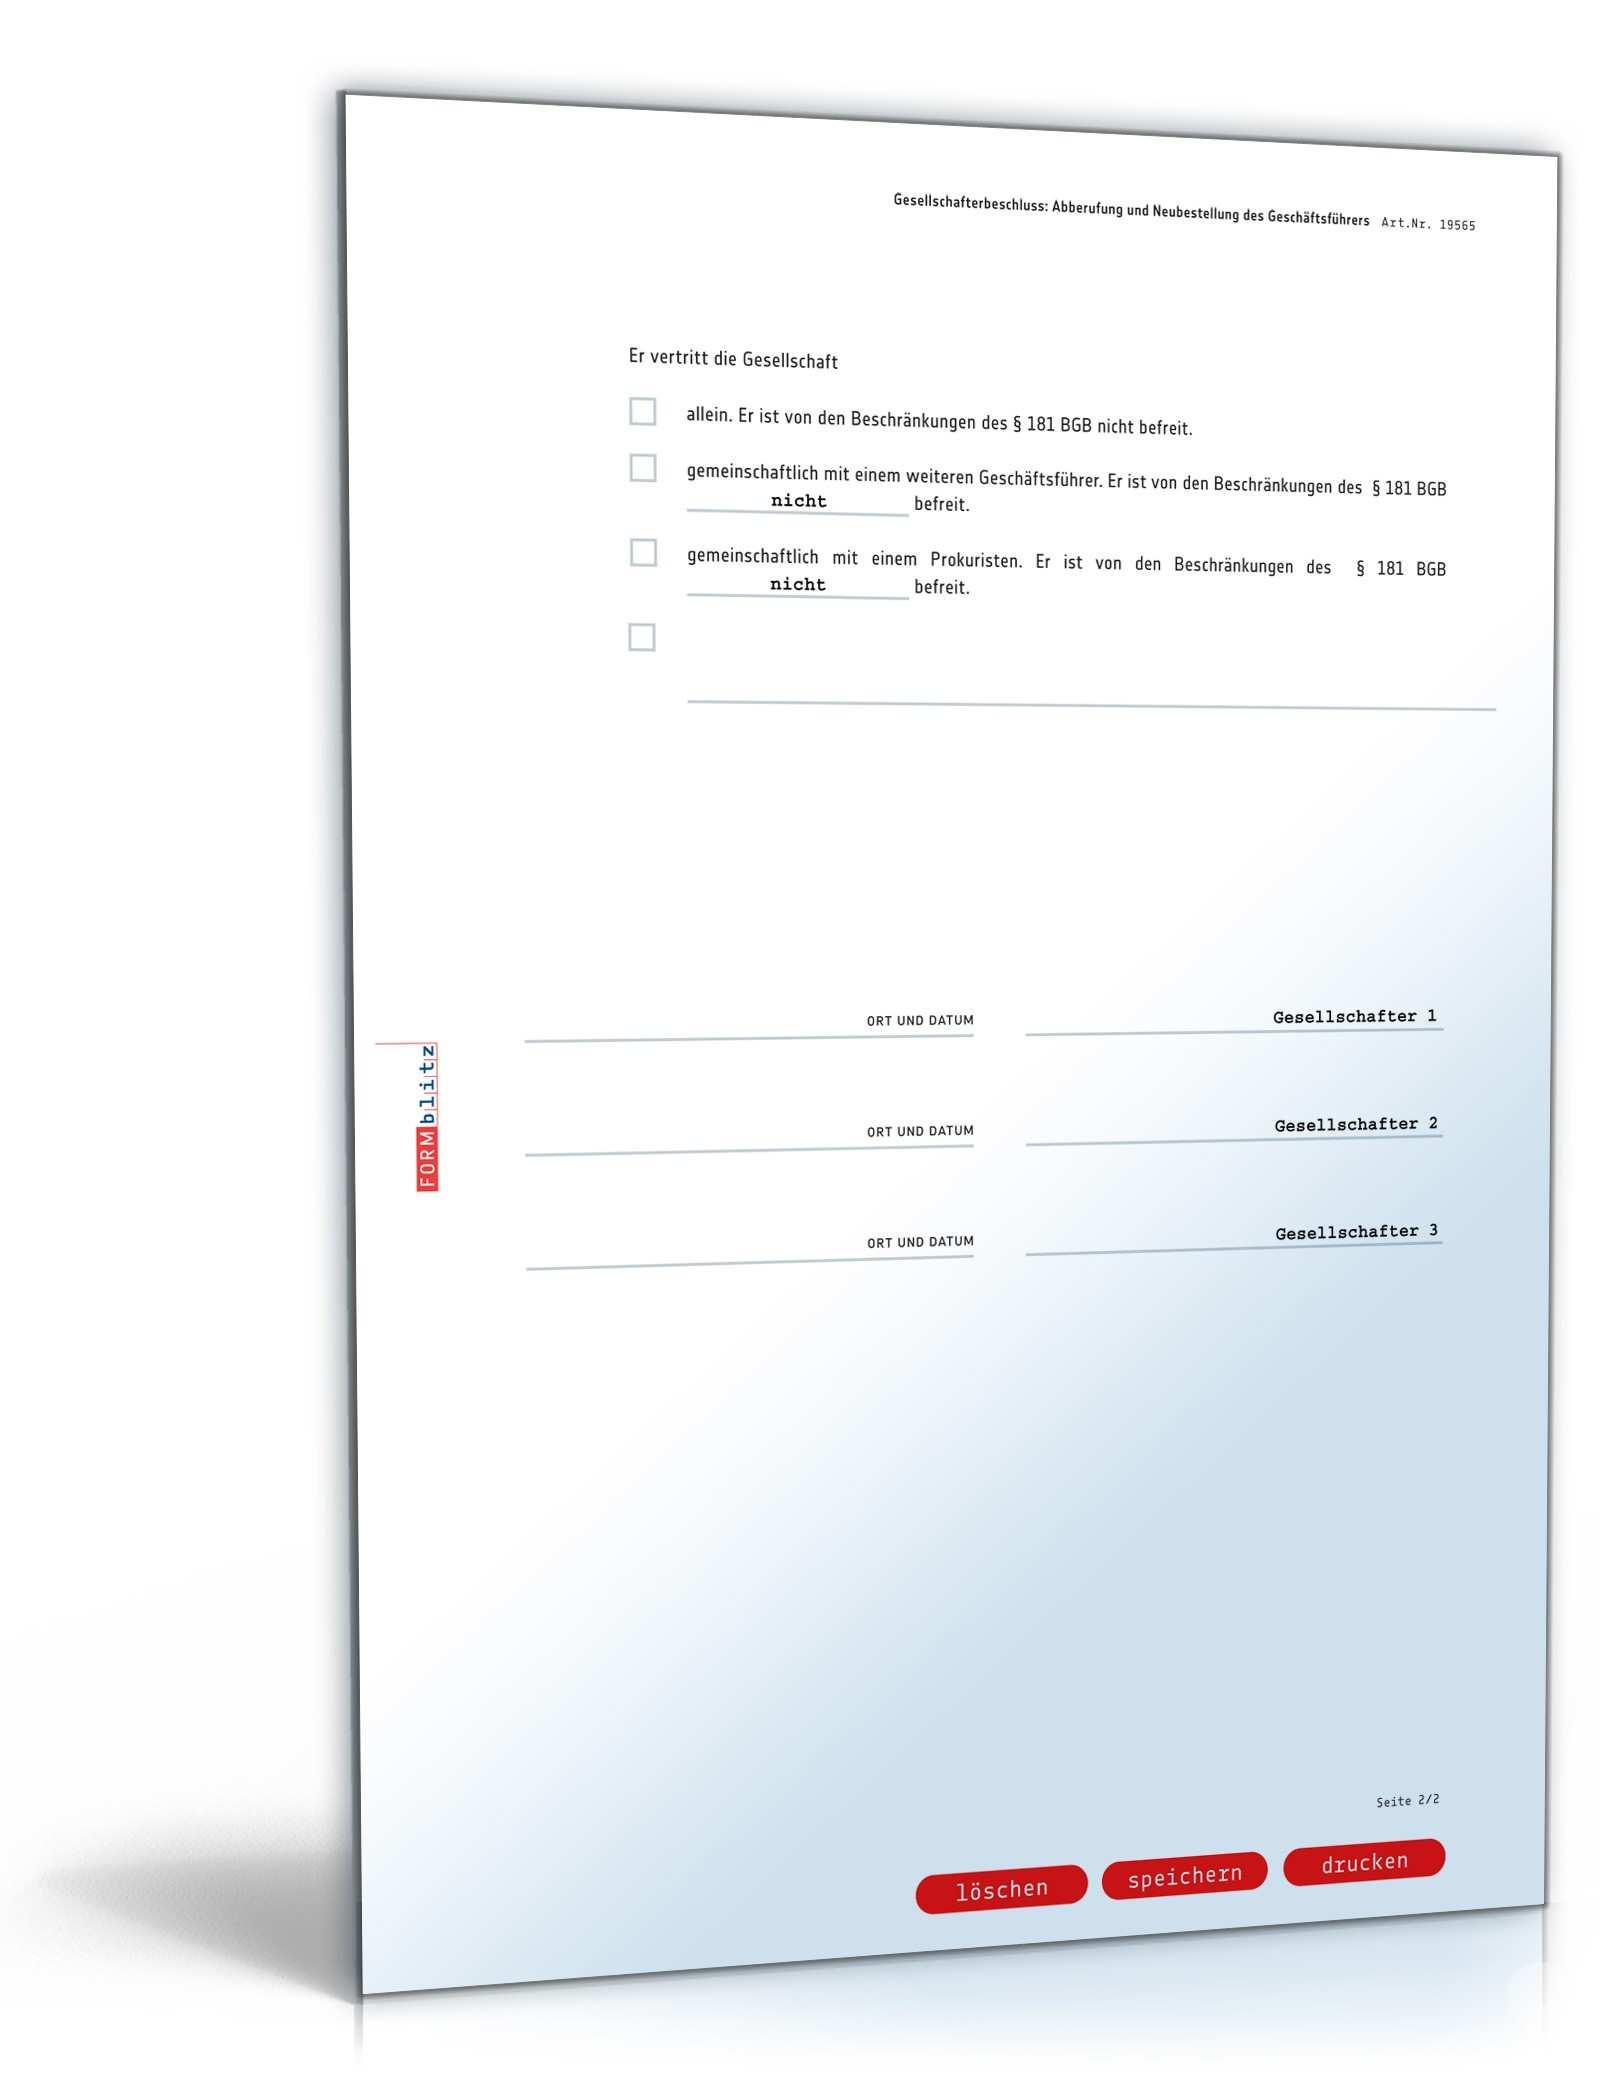 Abberufung Und Neubestellung Geschaftsfuhrer Muster Downloaden